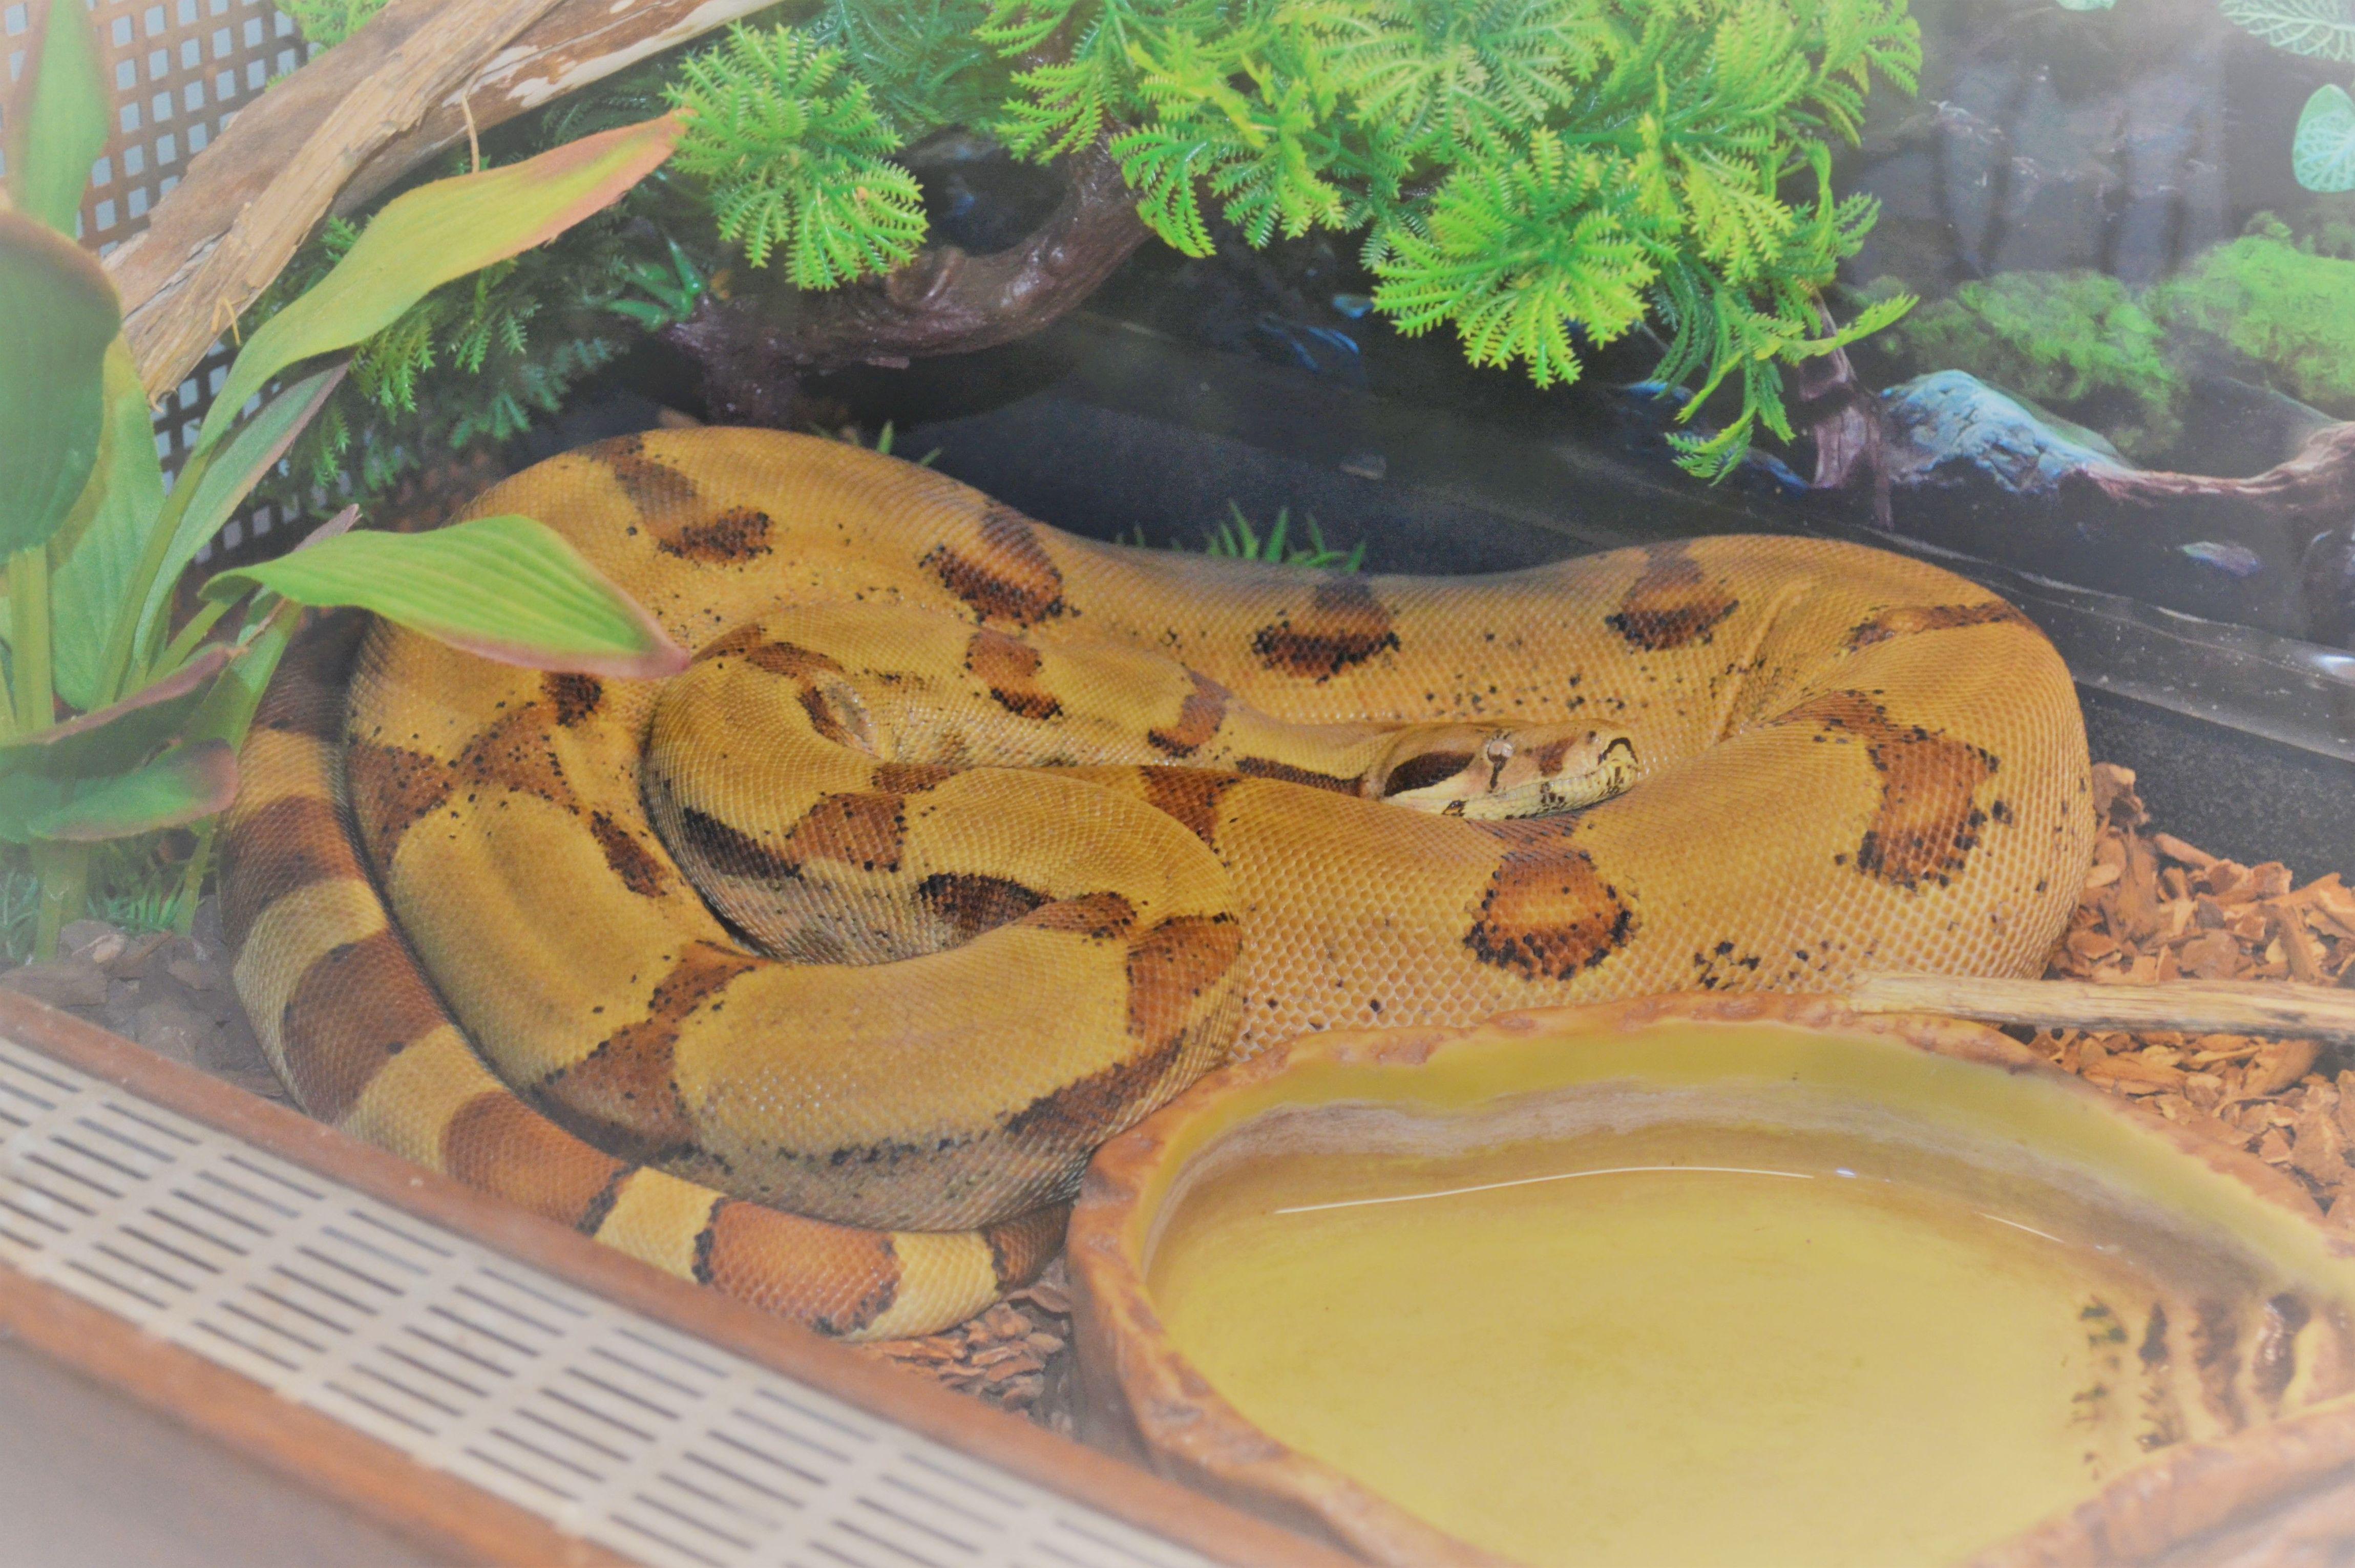 Foto 4 de Tienda de animales exóticos en Viladecans | Reptil Parc